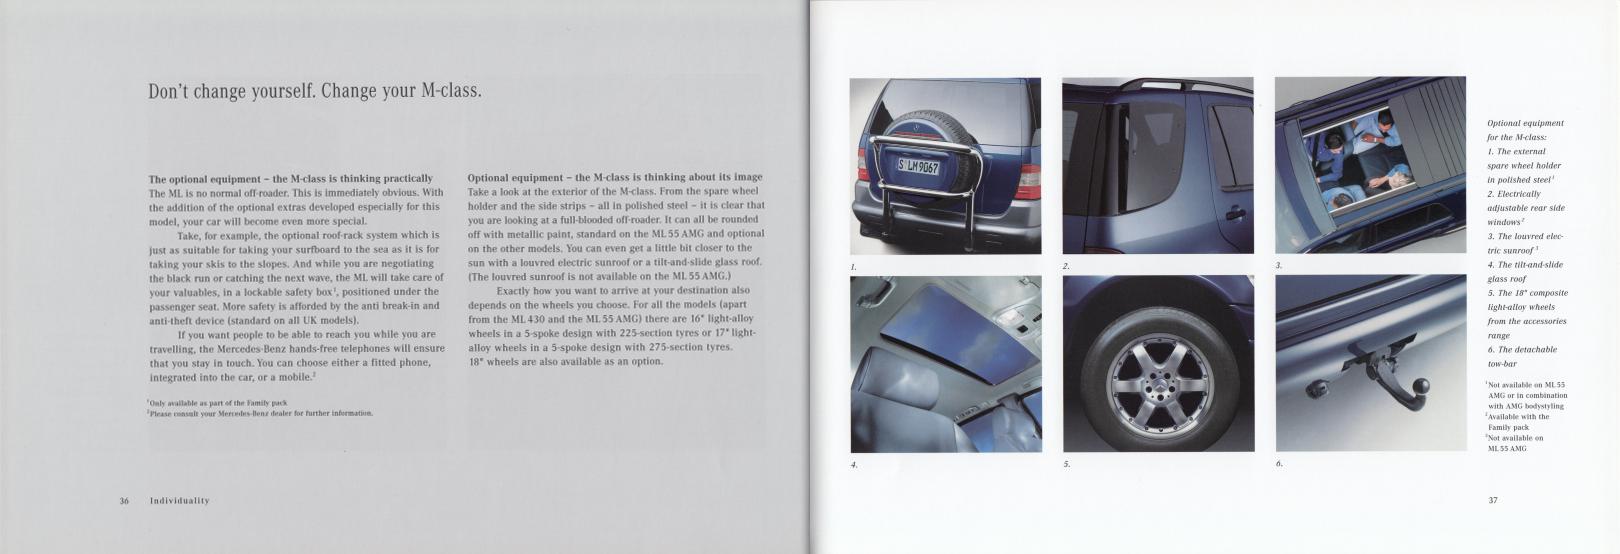 (W163): Catálogo 2001 (1) - inglês 020